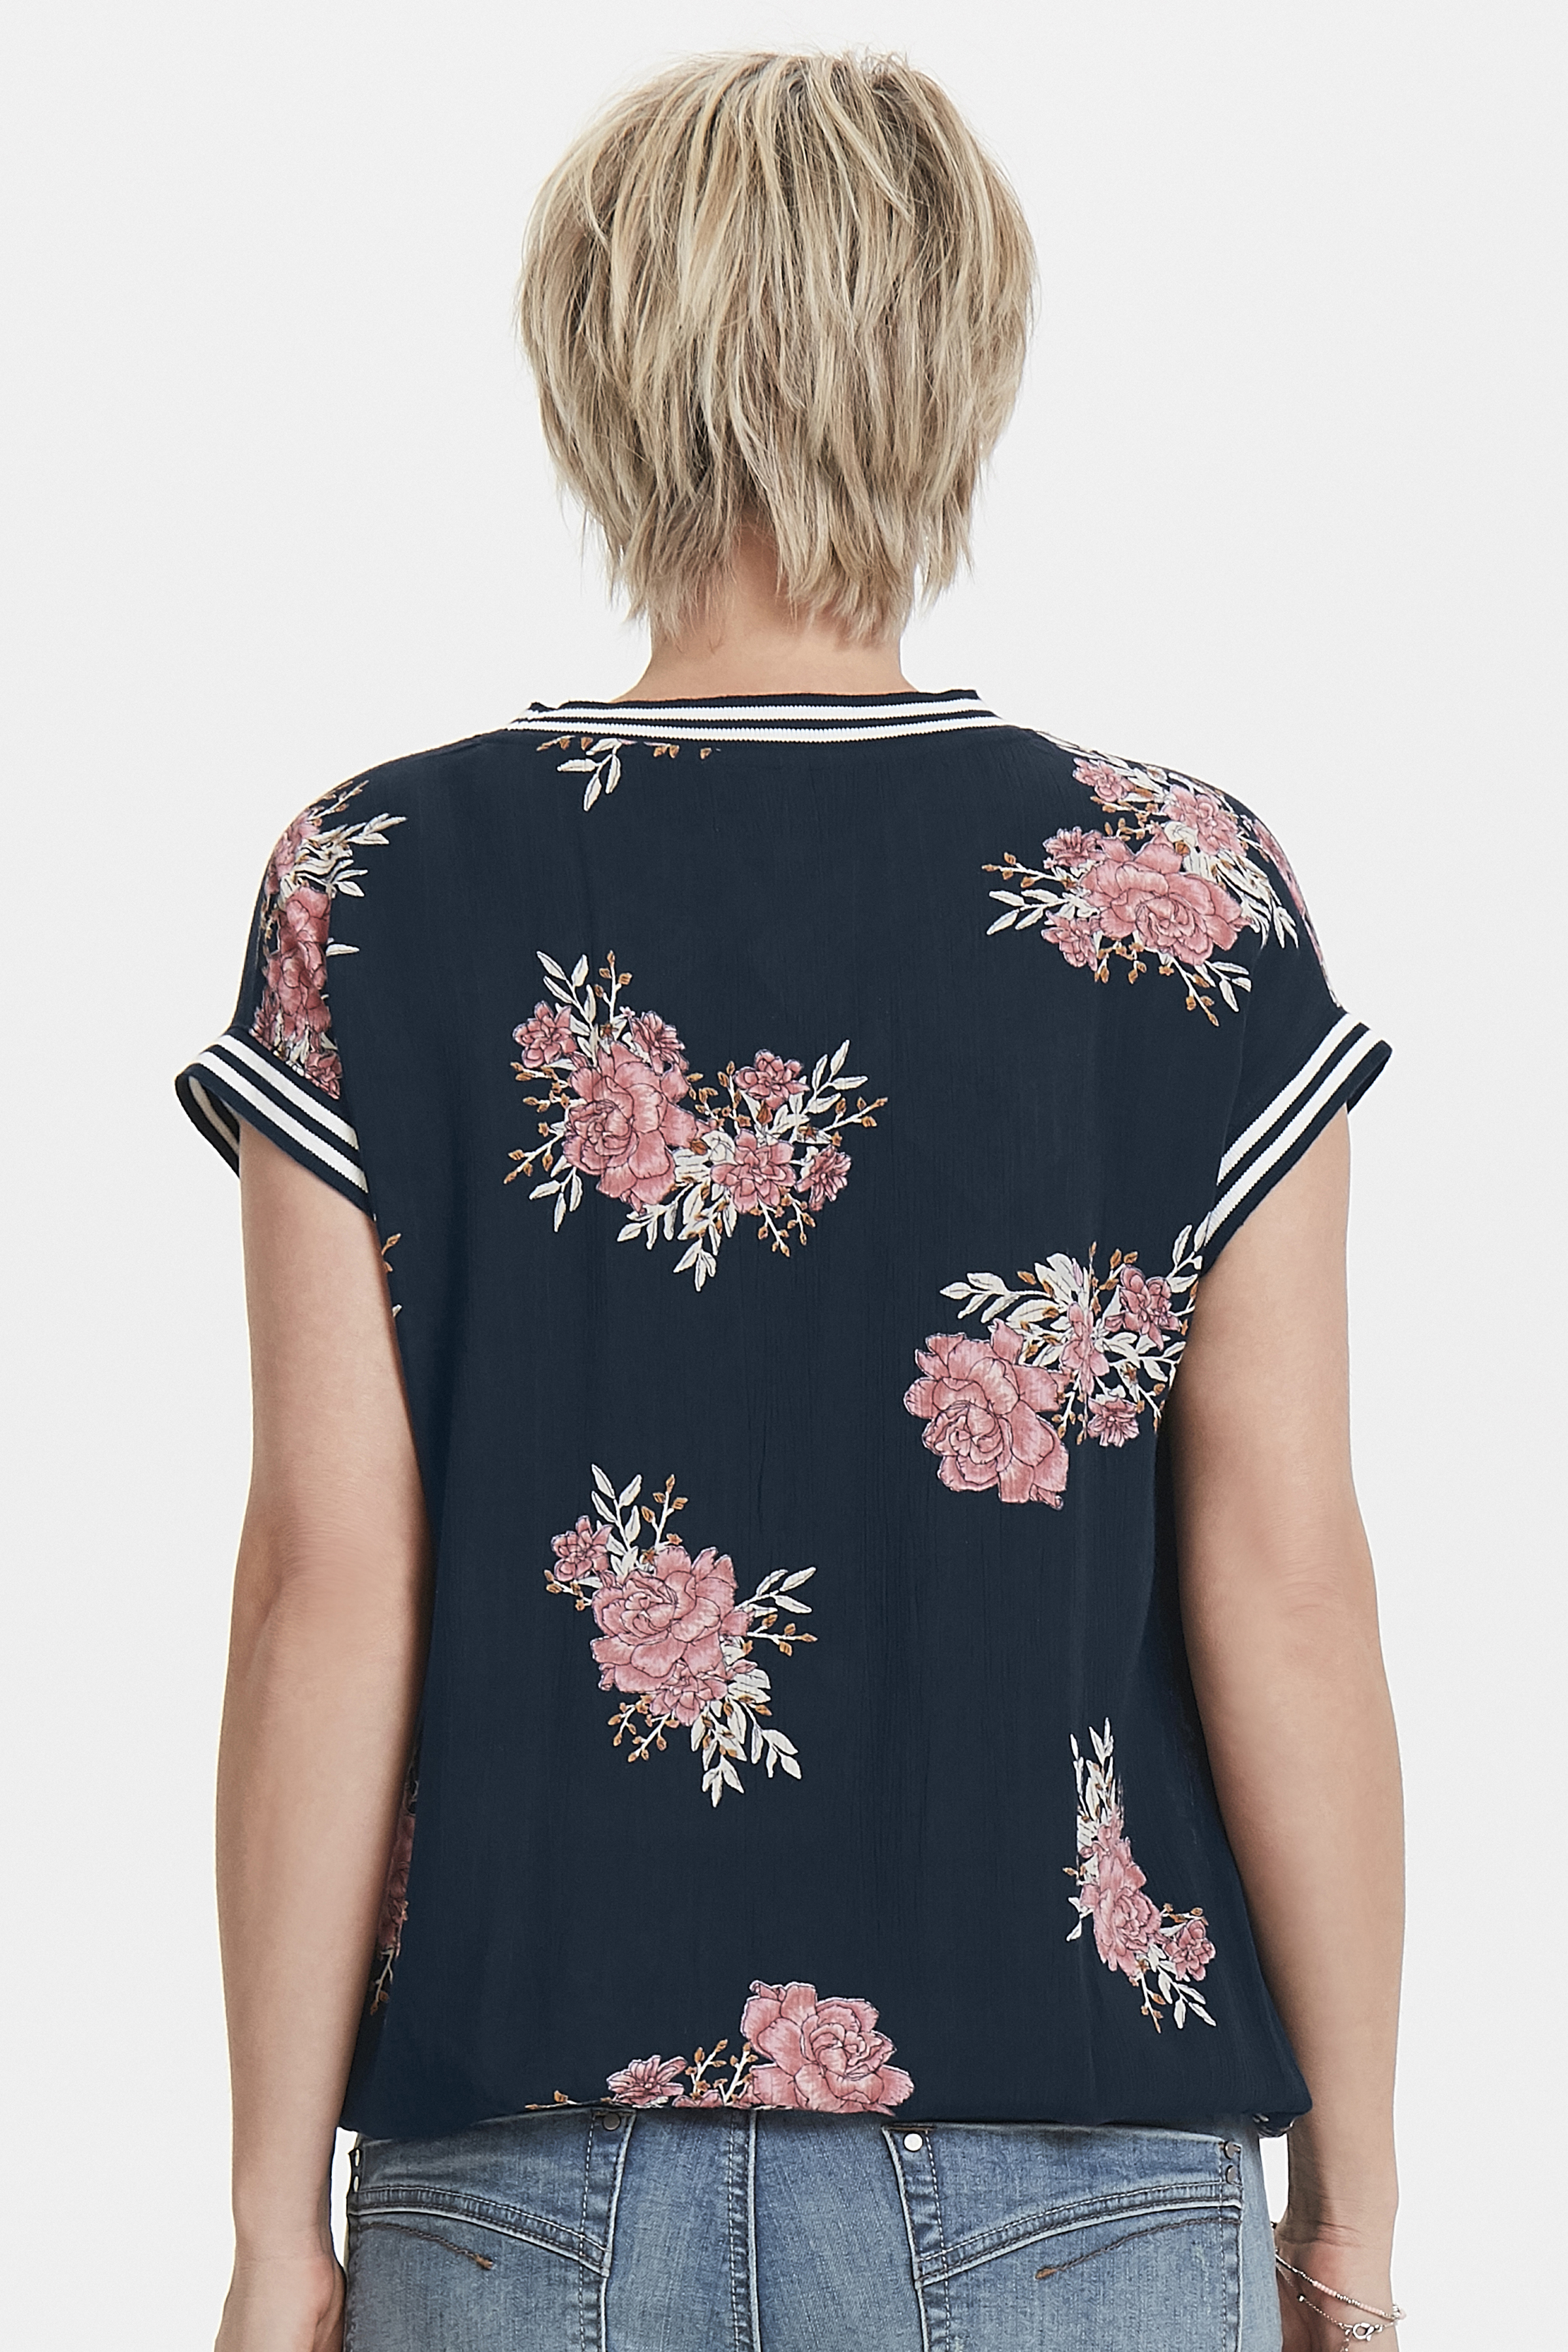 Marineblau/rosa Kurzarm-Bluse  von Bon'A Parte – Shoppen Sie Marineblau/rosa Kurzarm-Bluse  ab Gr. S-2XL hier